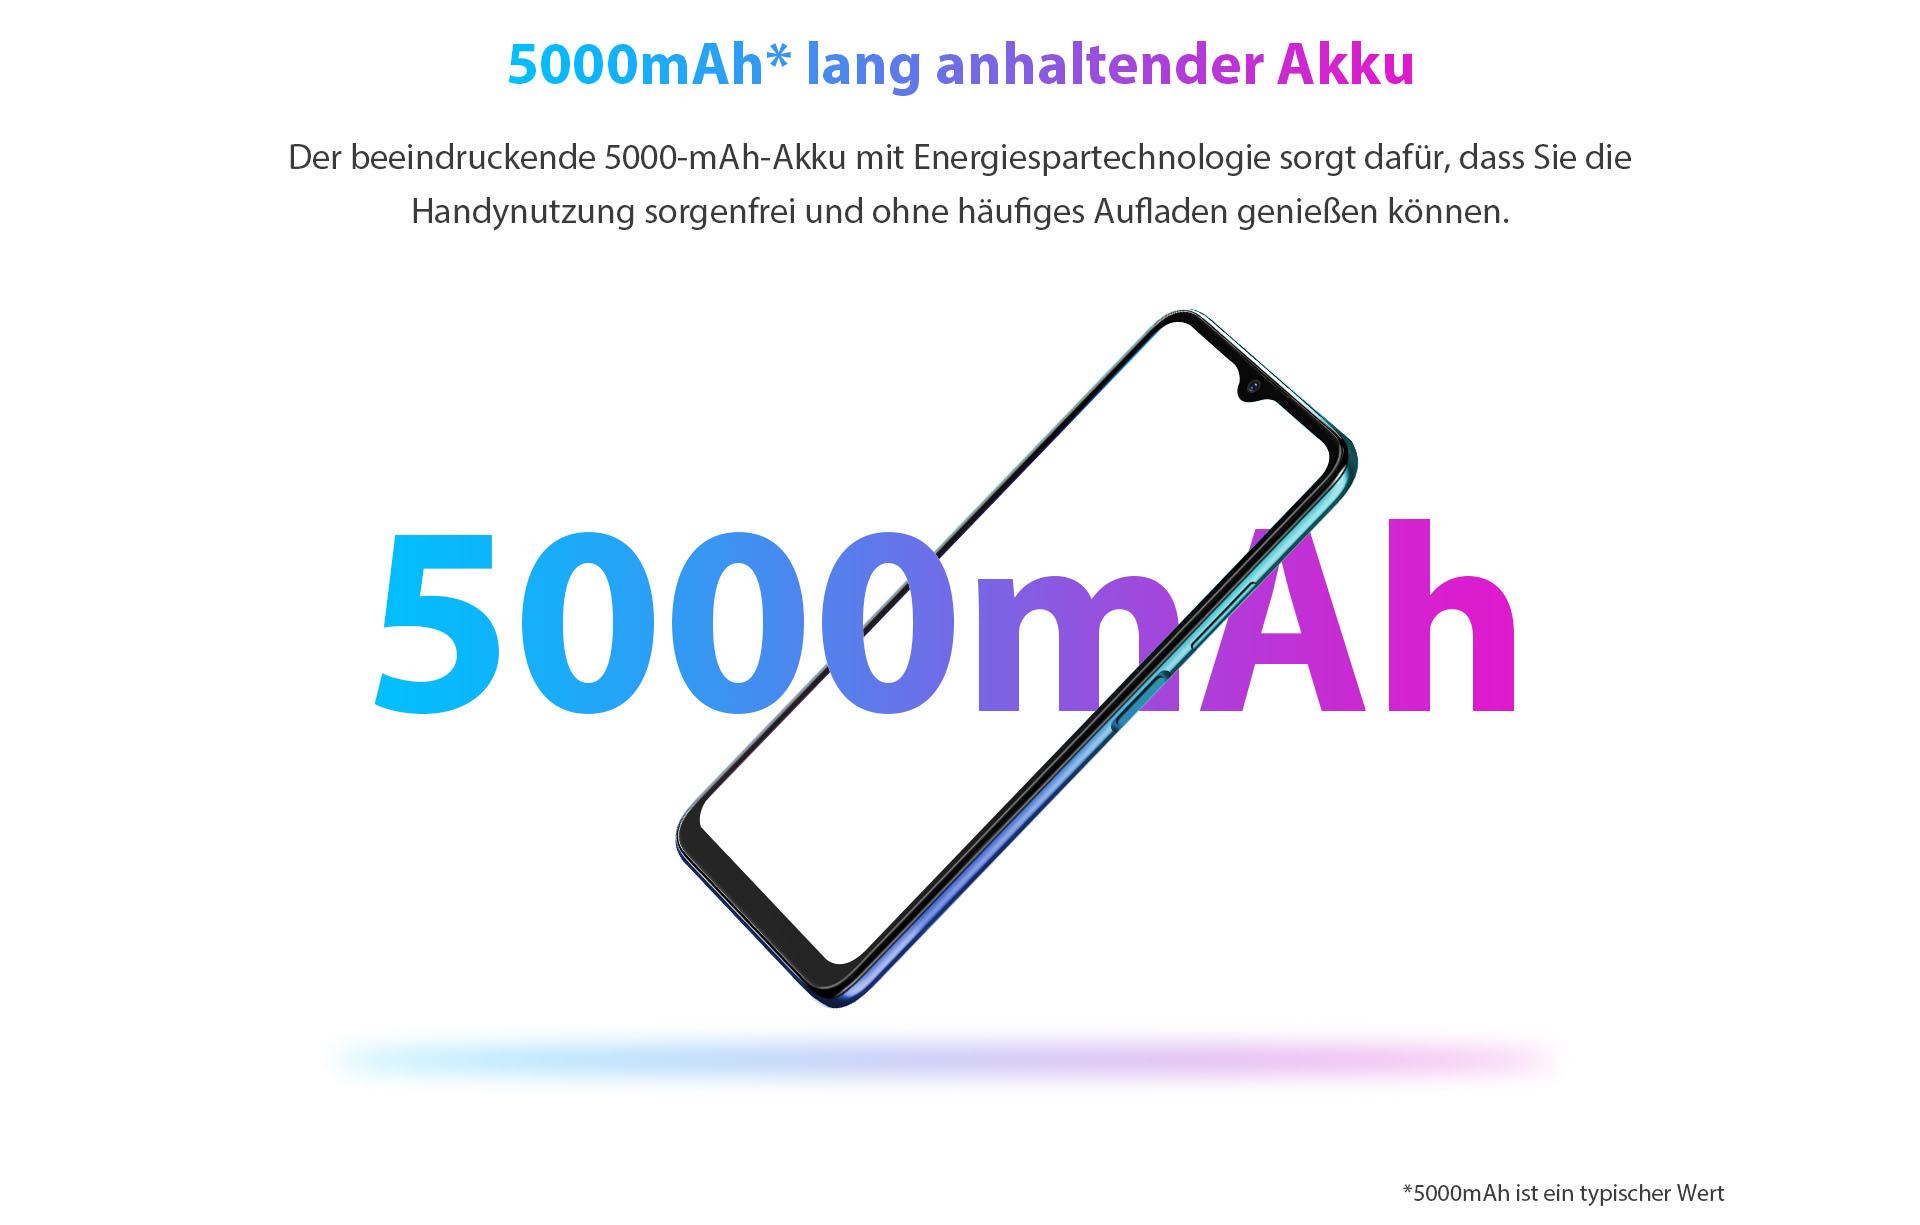 ZTE V30 Vita's 5000 mAh lang anhaltender Akku - der beeindruckende 5000 mAh-Akku mit Energiespartechnologie sorgt dafür, dass Sie die Handynutzung sorgenfrei und ohne häufiges Aufladen genießen können.